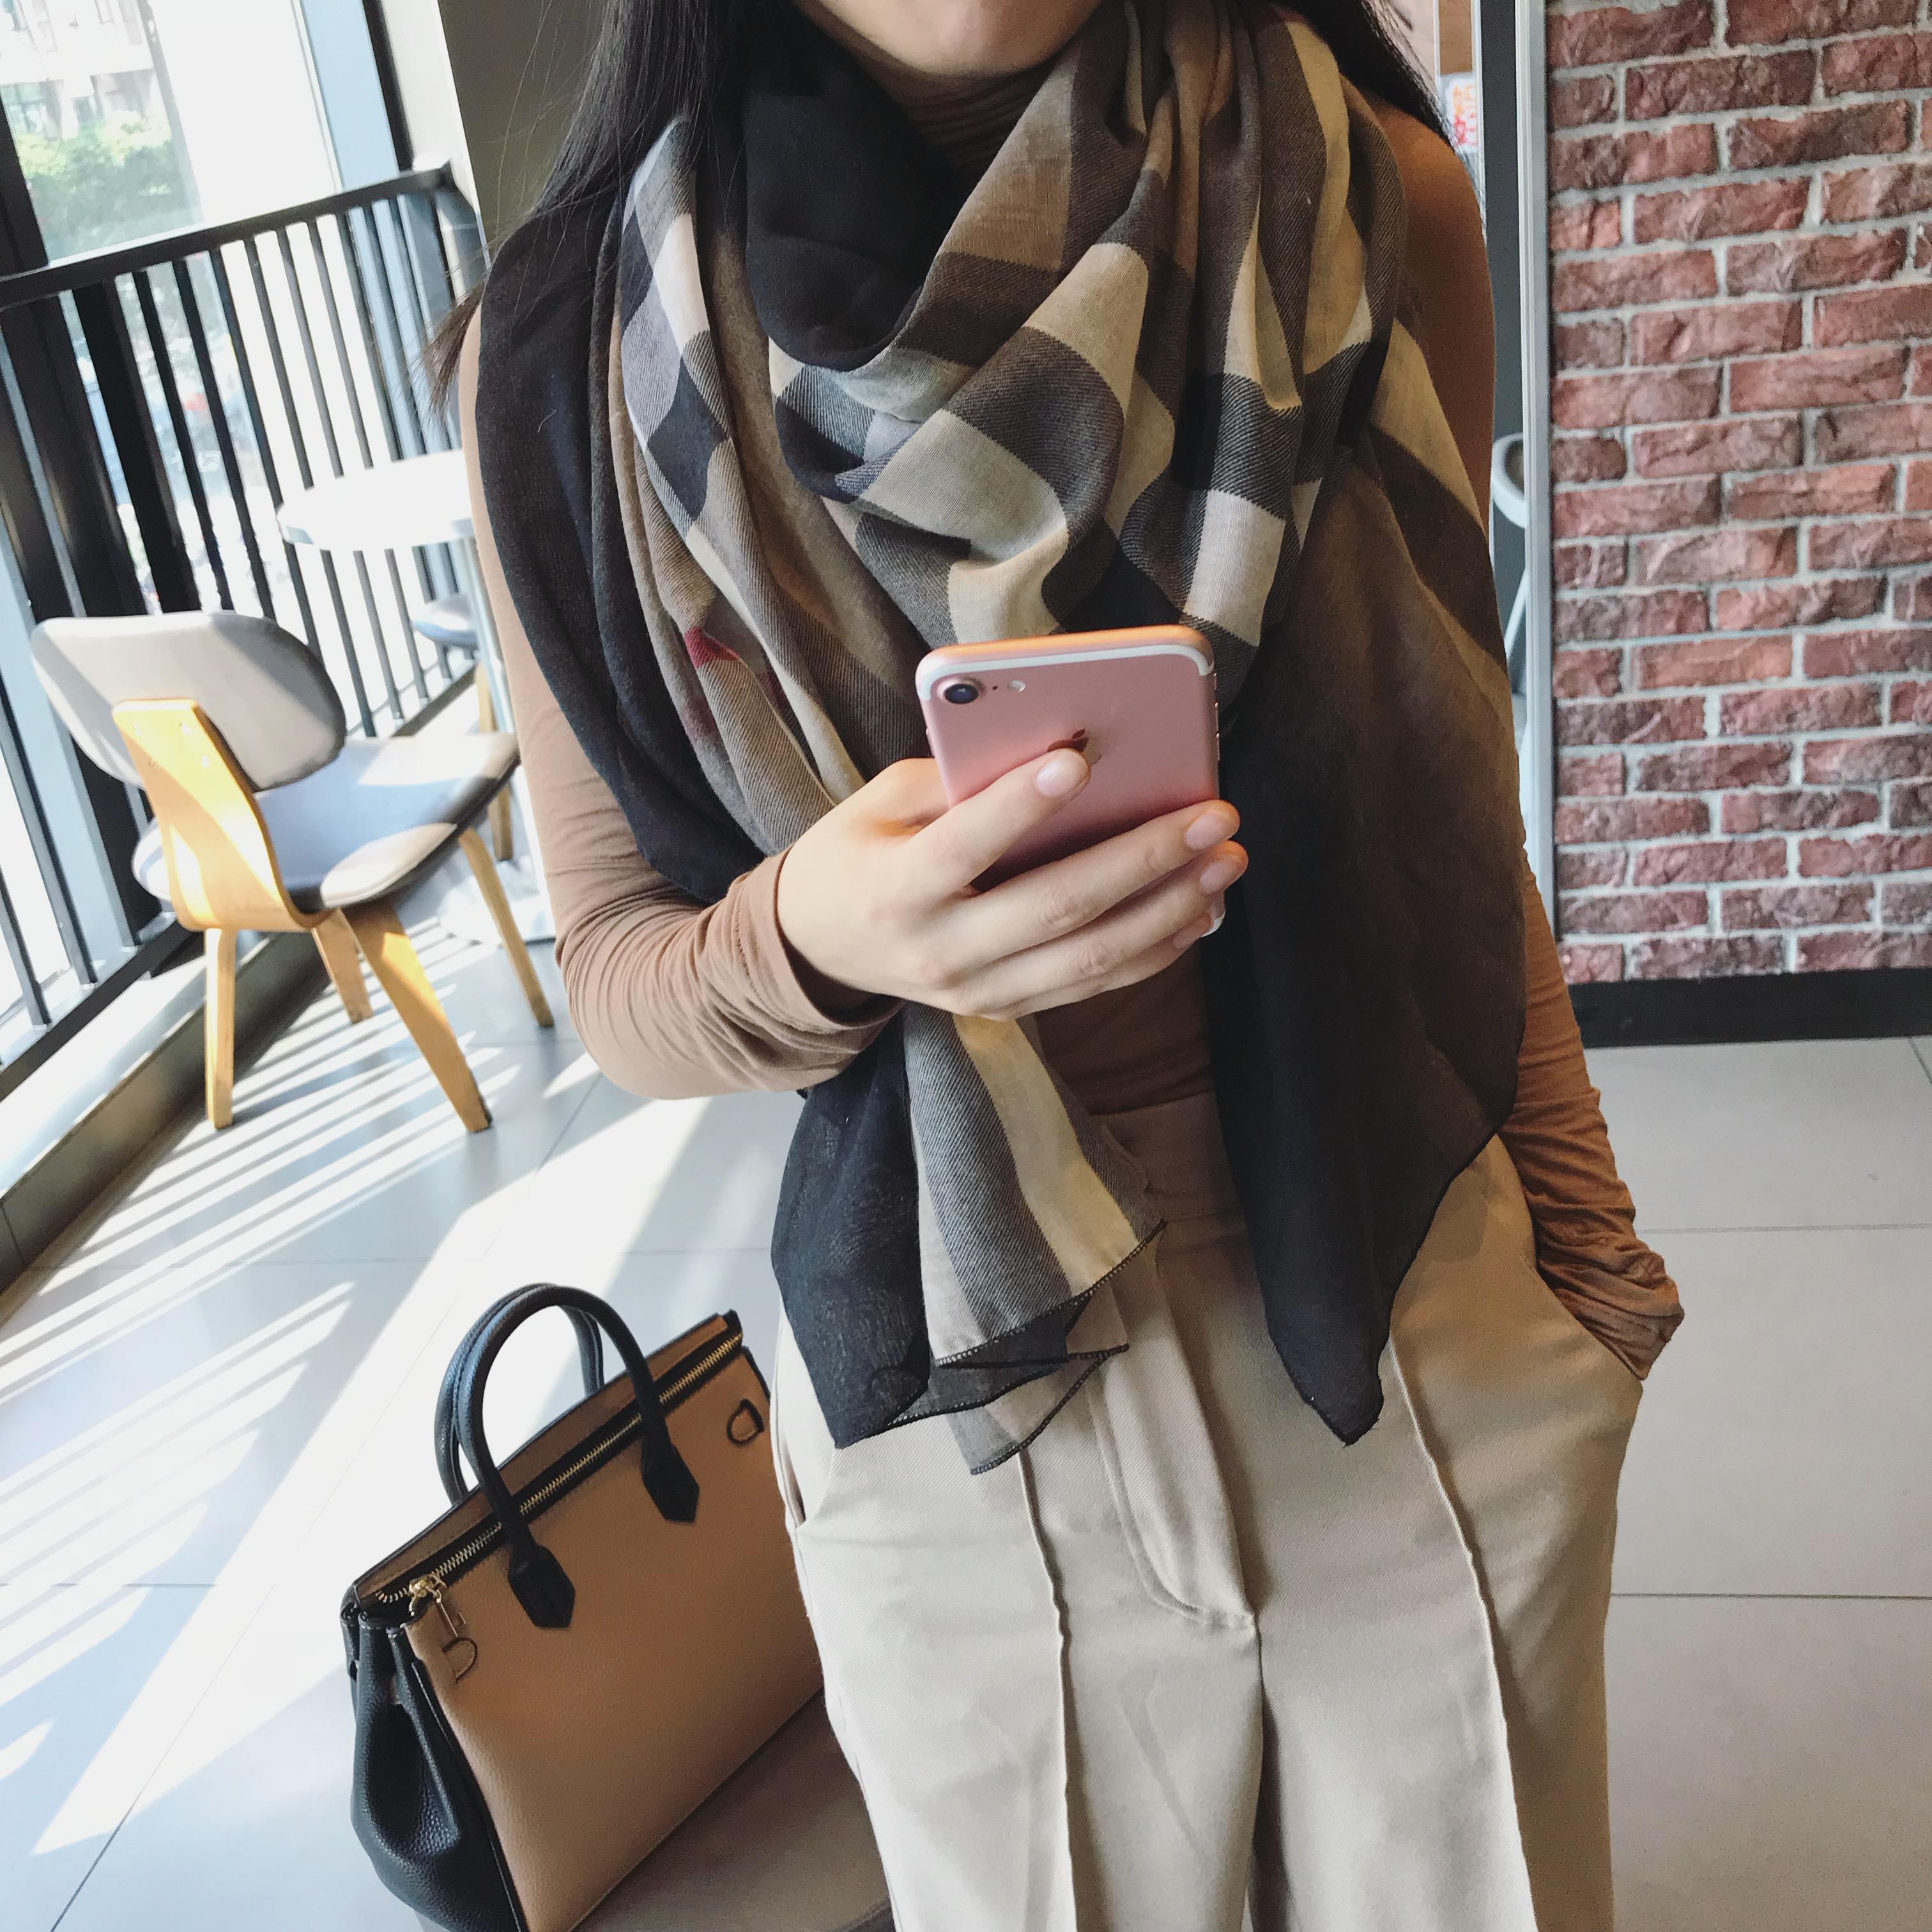 韩风围巾女冬季明星同款格子围巾拼色纱巾装饰长丝巾围脖披肩t优惠券